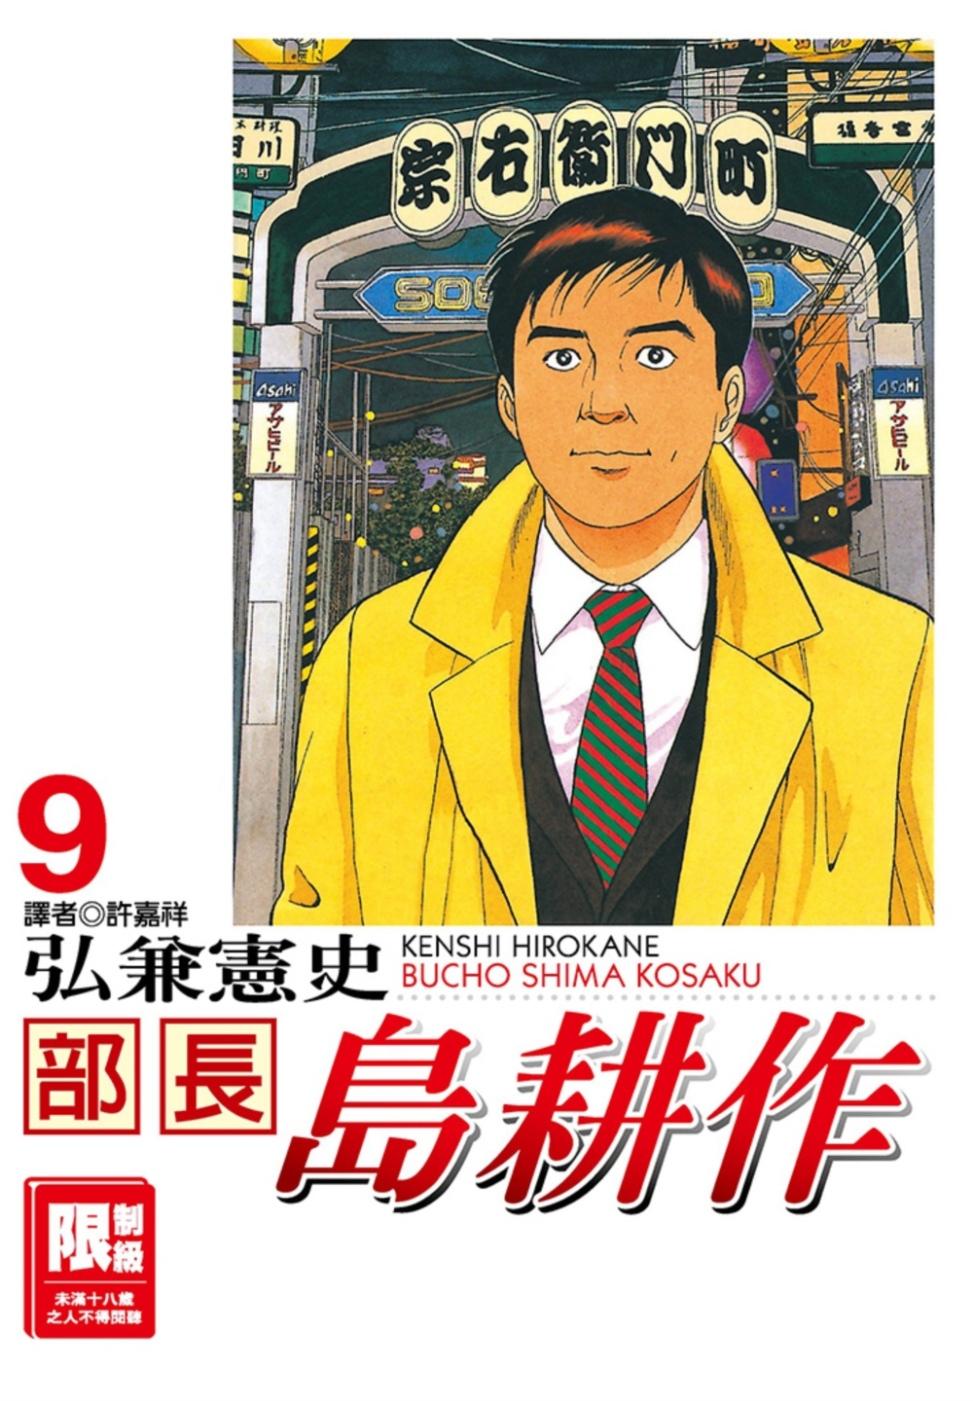 部長島耕作 9(限)(限台灣)